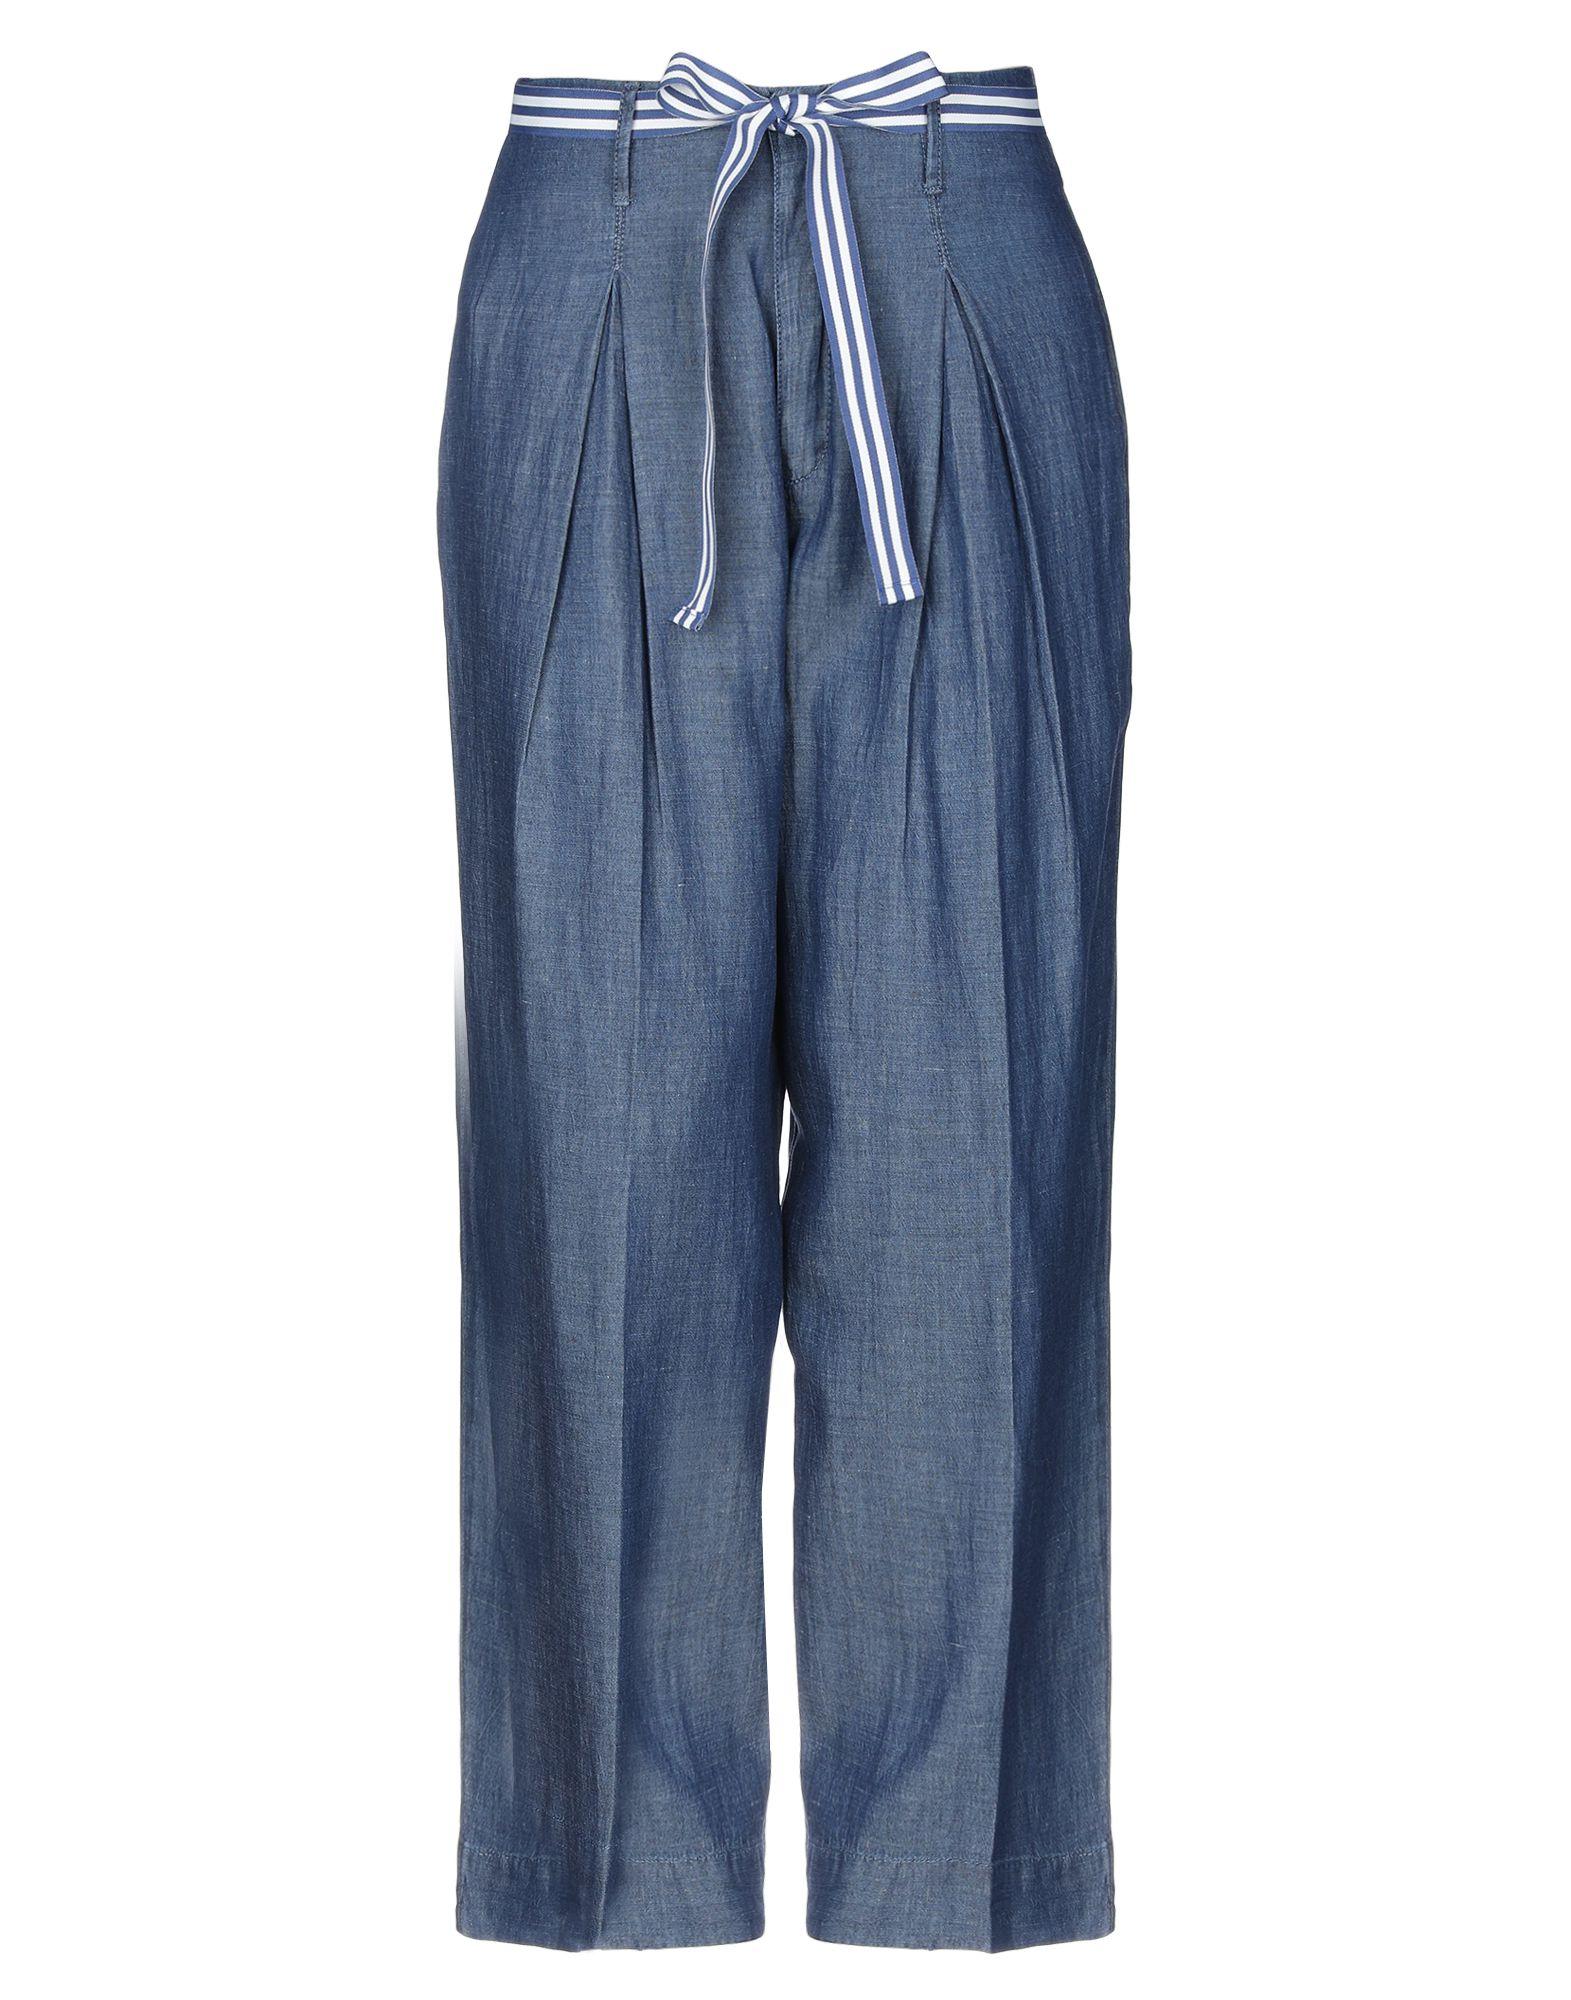 купить KOCCA Джинсовые брюки по цене 3100 рублей